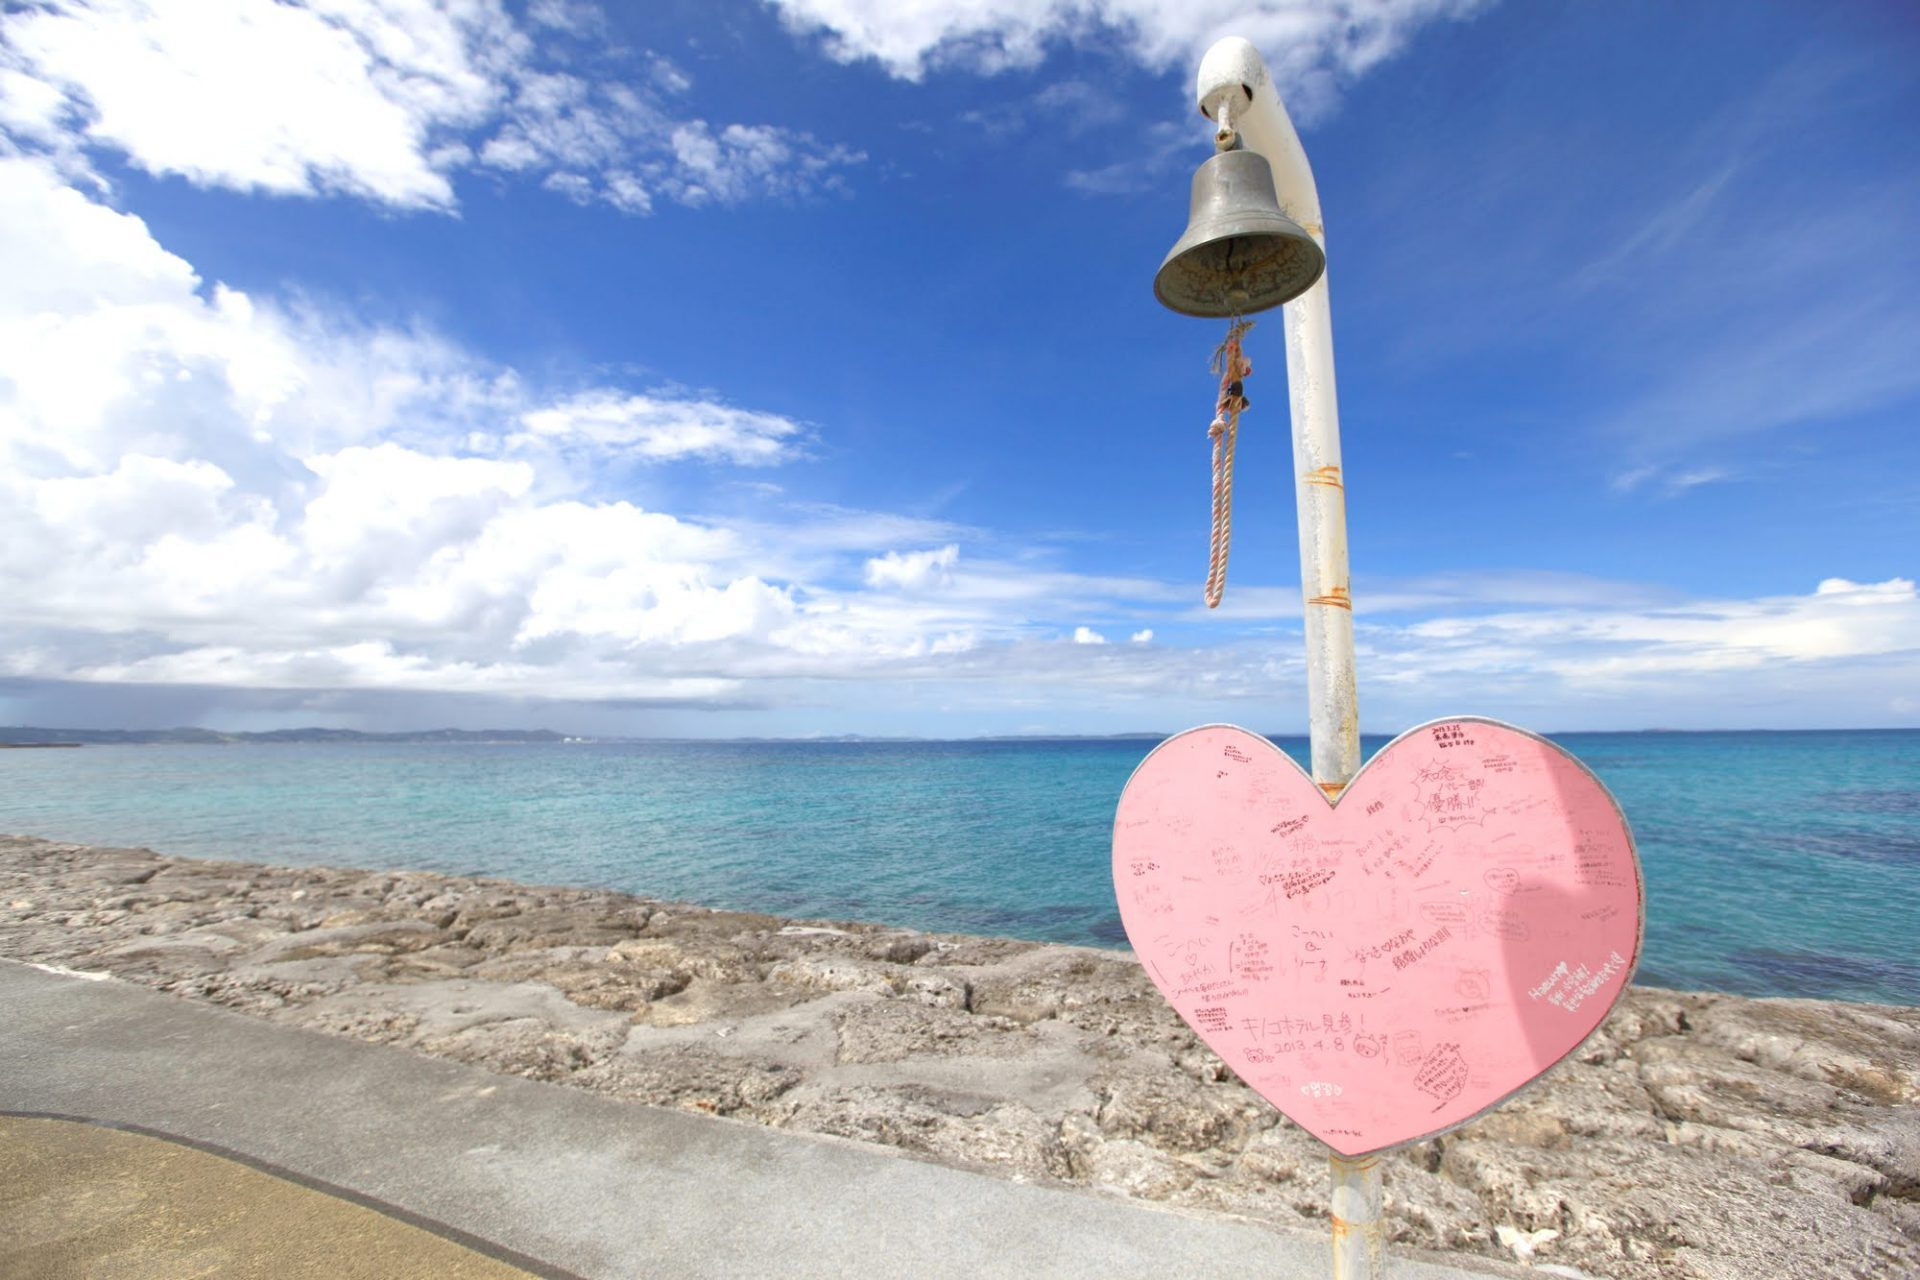 あざまサンサンビーチ 南城市 沖縄 おすすめ ビーチ 離島 旅行